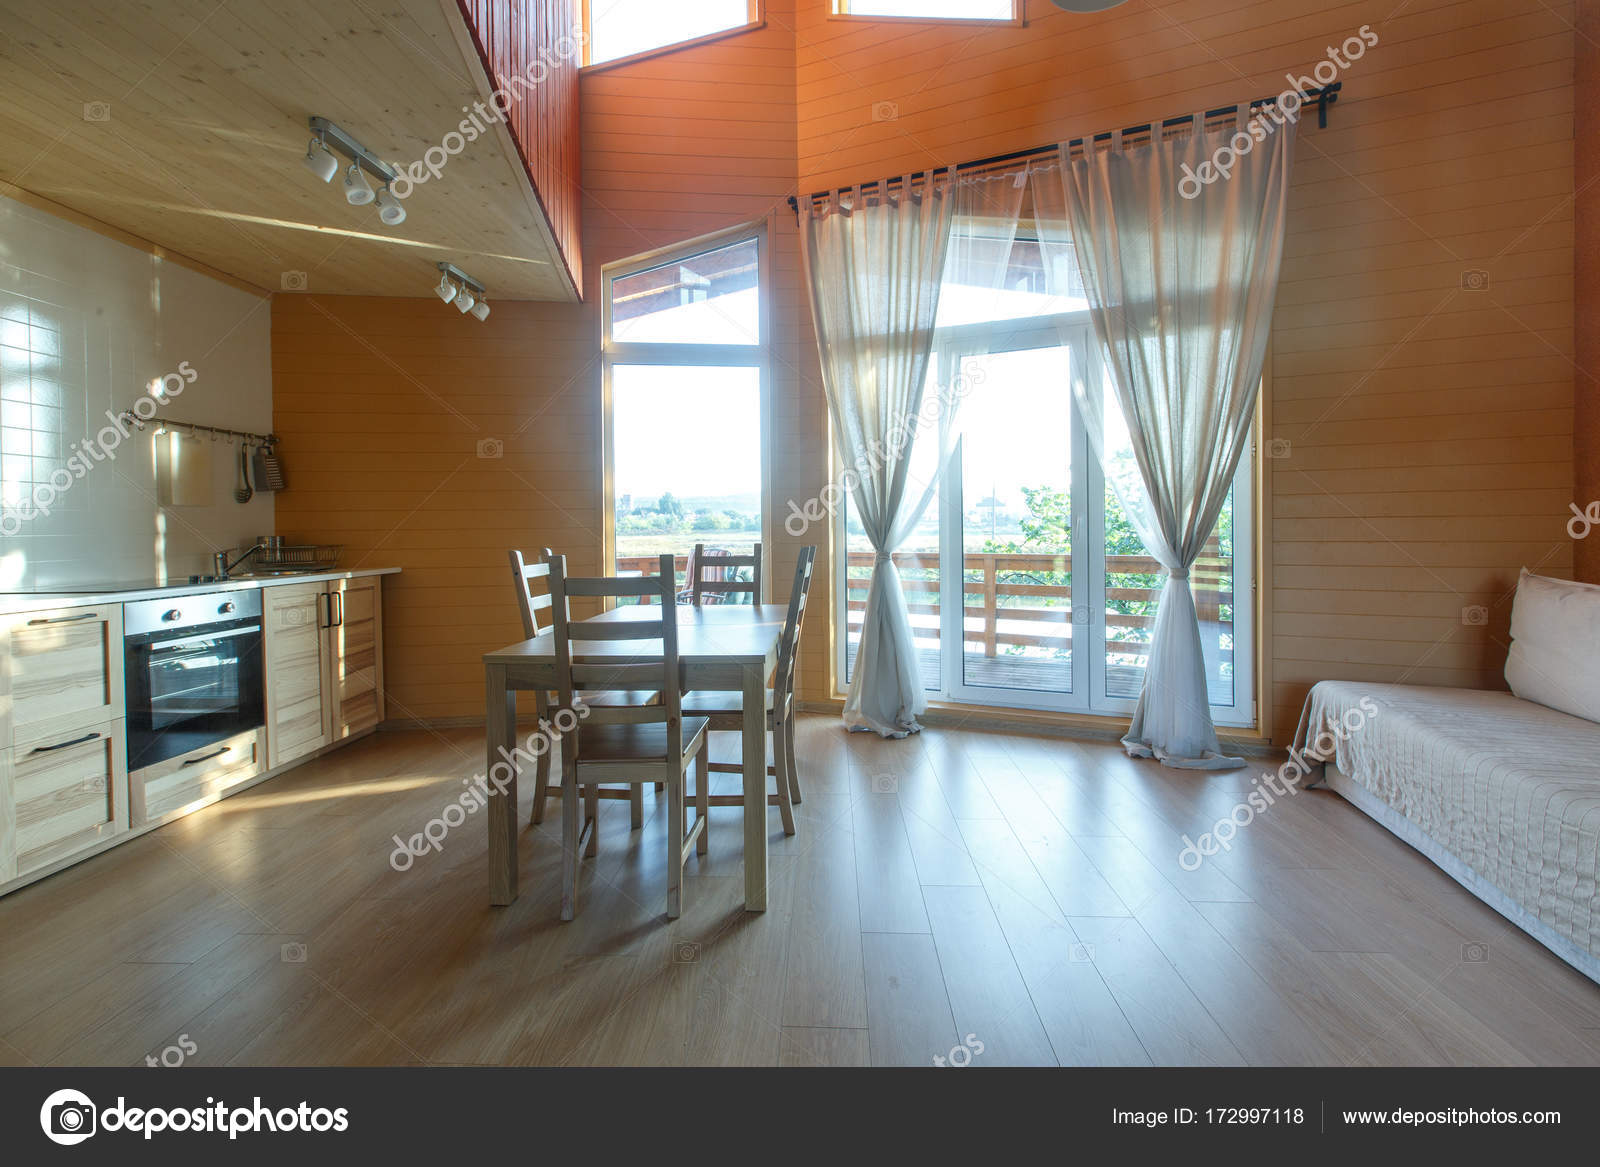 Eigentijds interieur van woonkamer in natuurlijke kleuren met